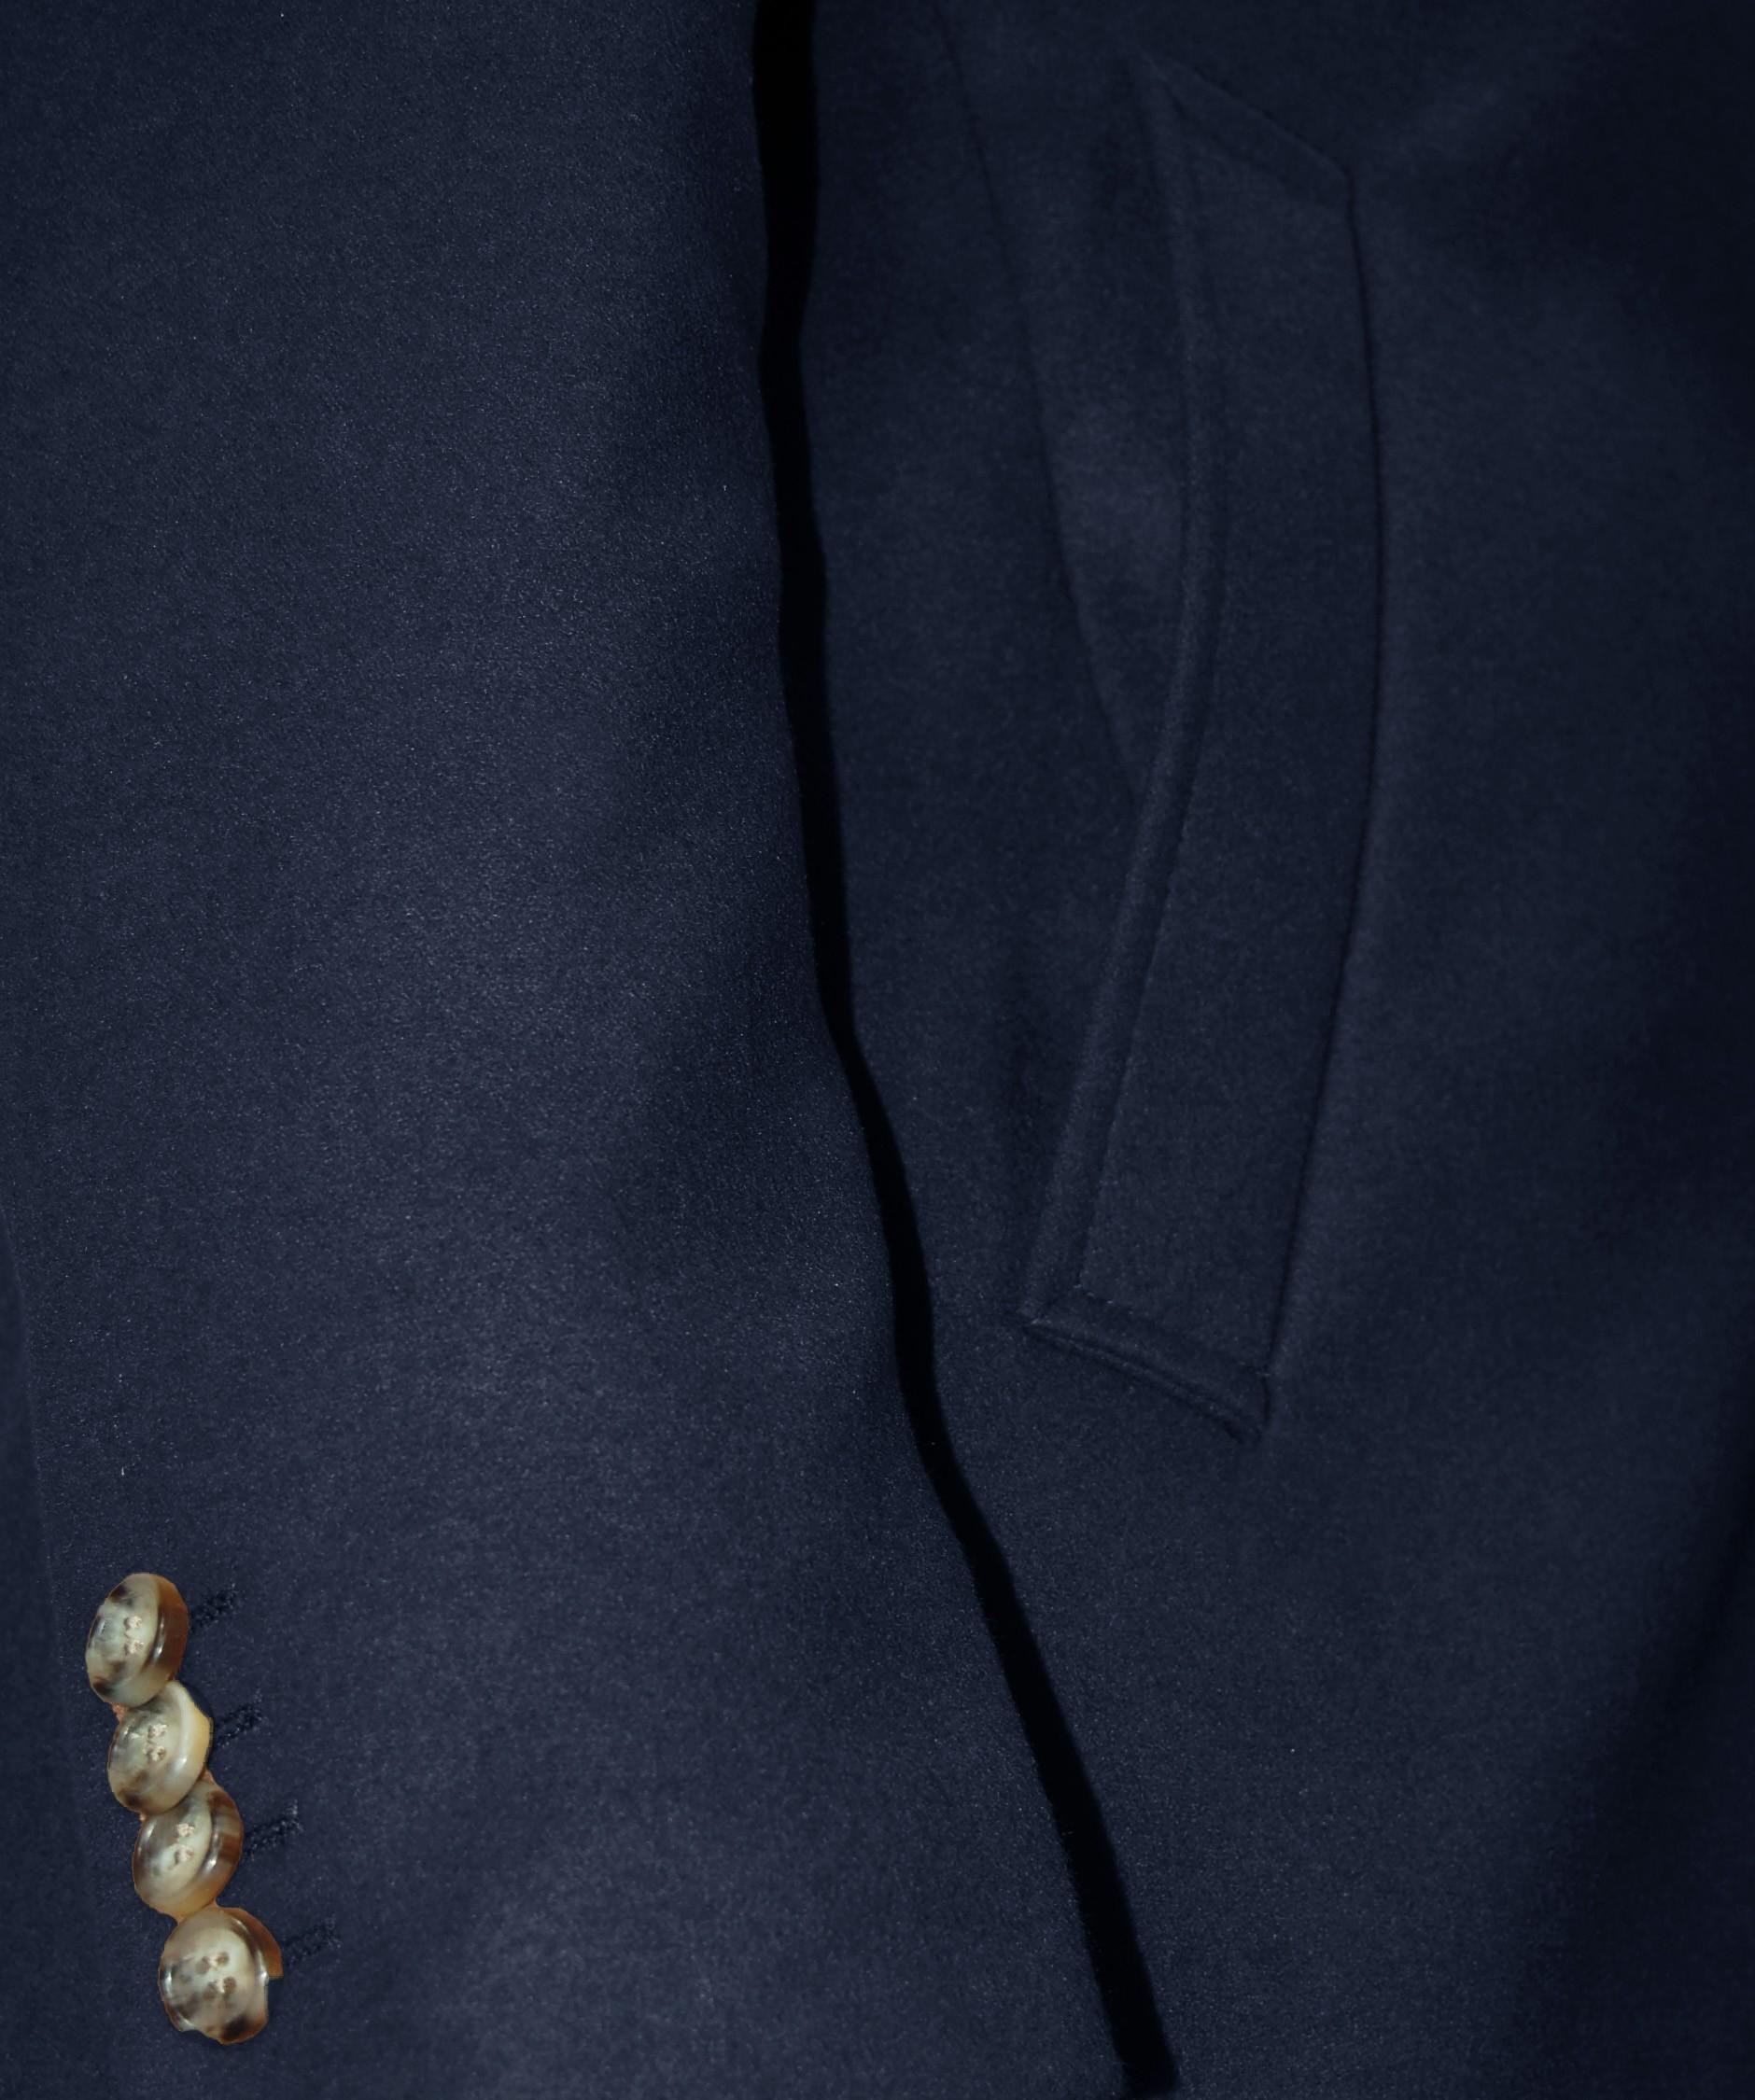 Cappotto-Uomo-Elegante-Giubbotto-Invernale-Blu-Camel-Trench-Lungo miniature 16